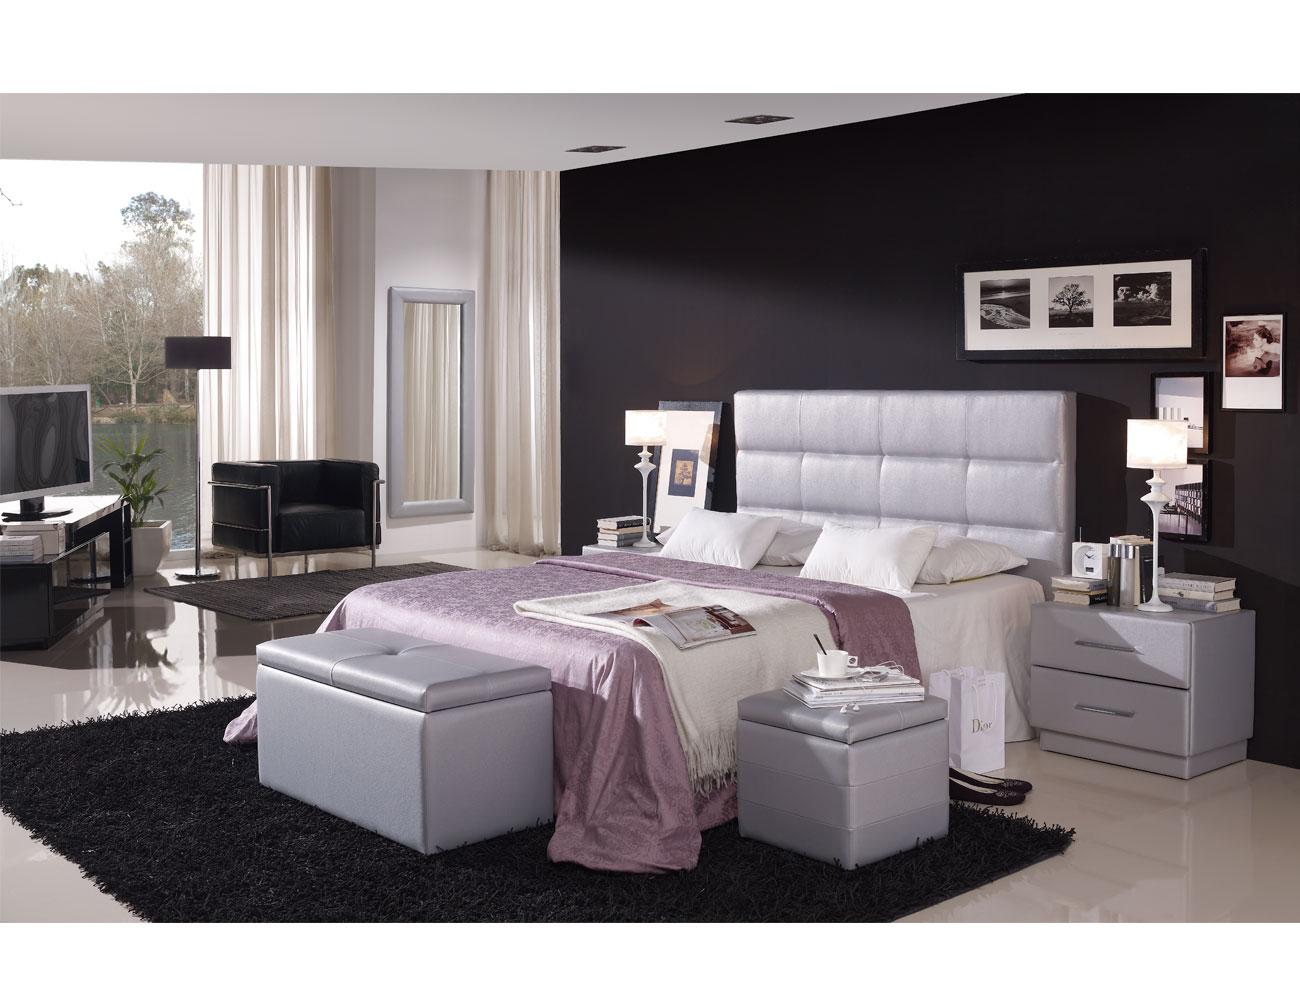 86 pie cama cuadros dormitorio 93